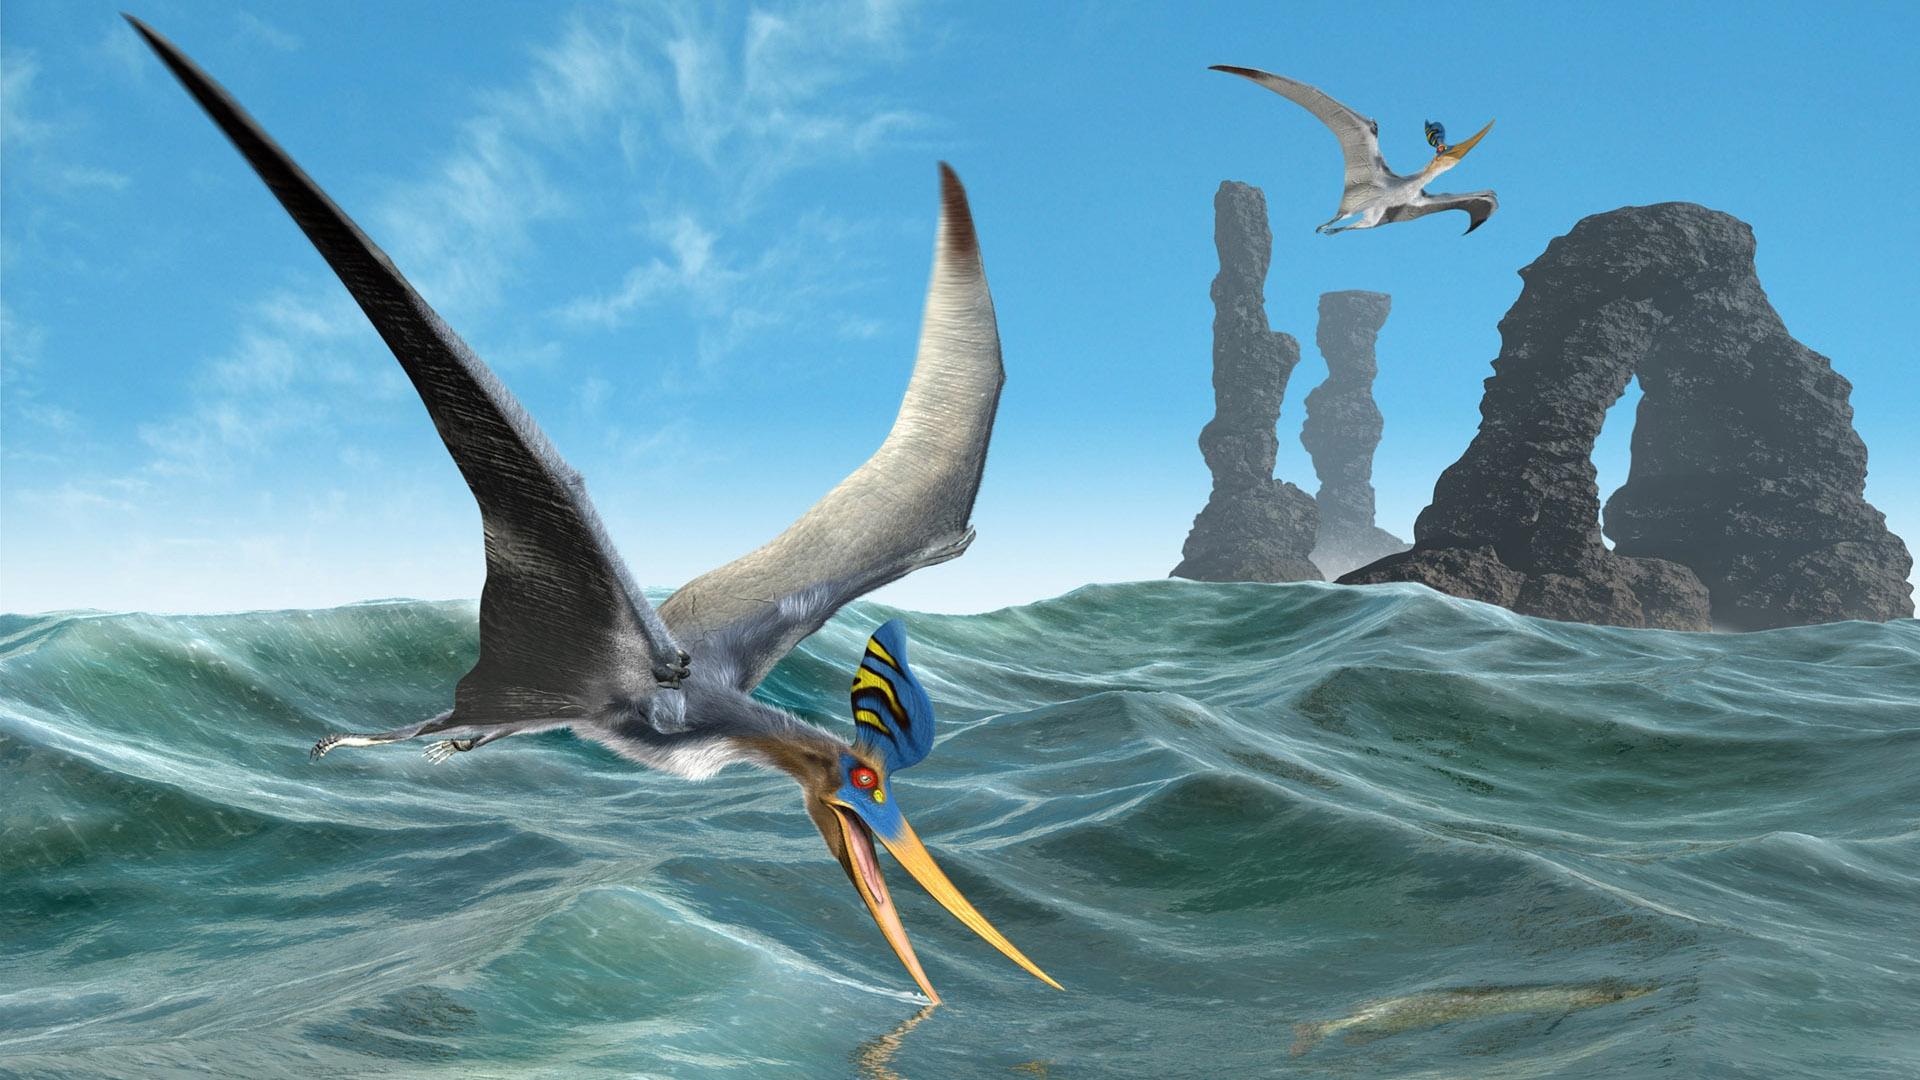 Fantasy - Bird  Wallpaper